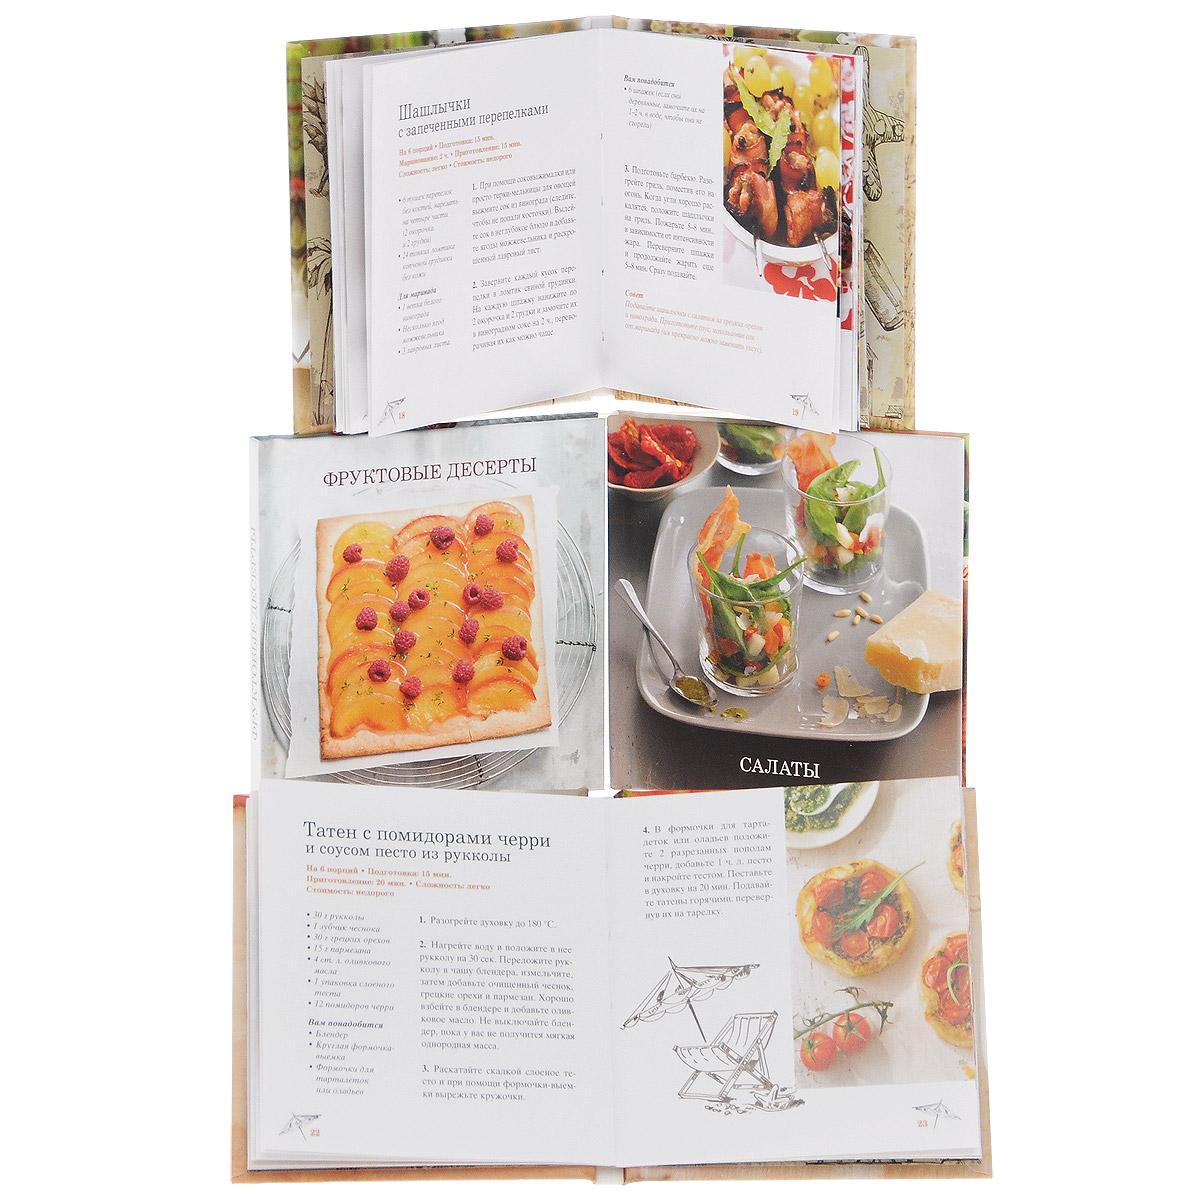 Рецепты для пикника и уикенда (комплект из 4 книг)